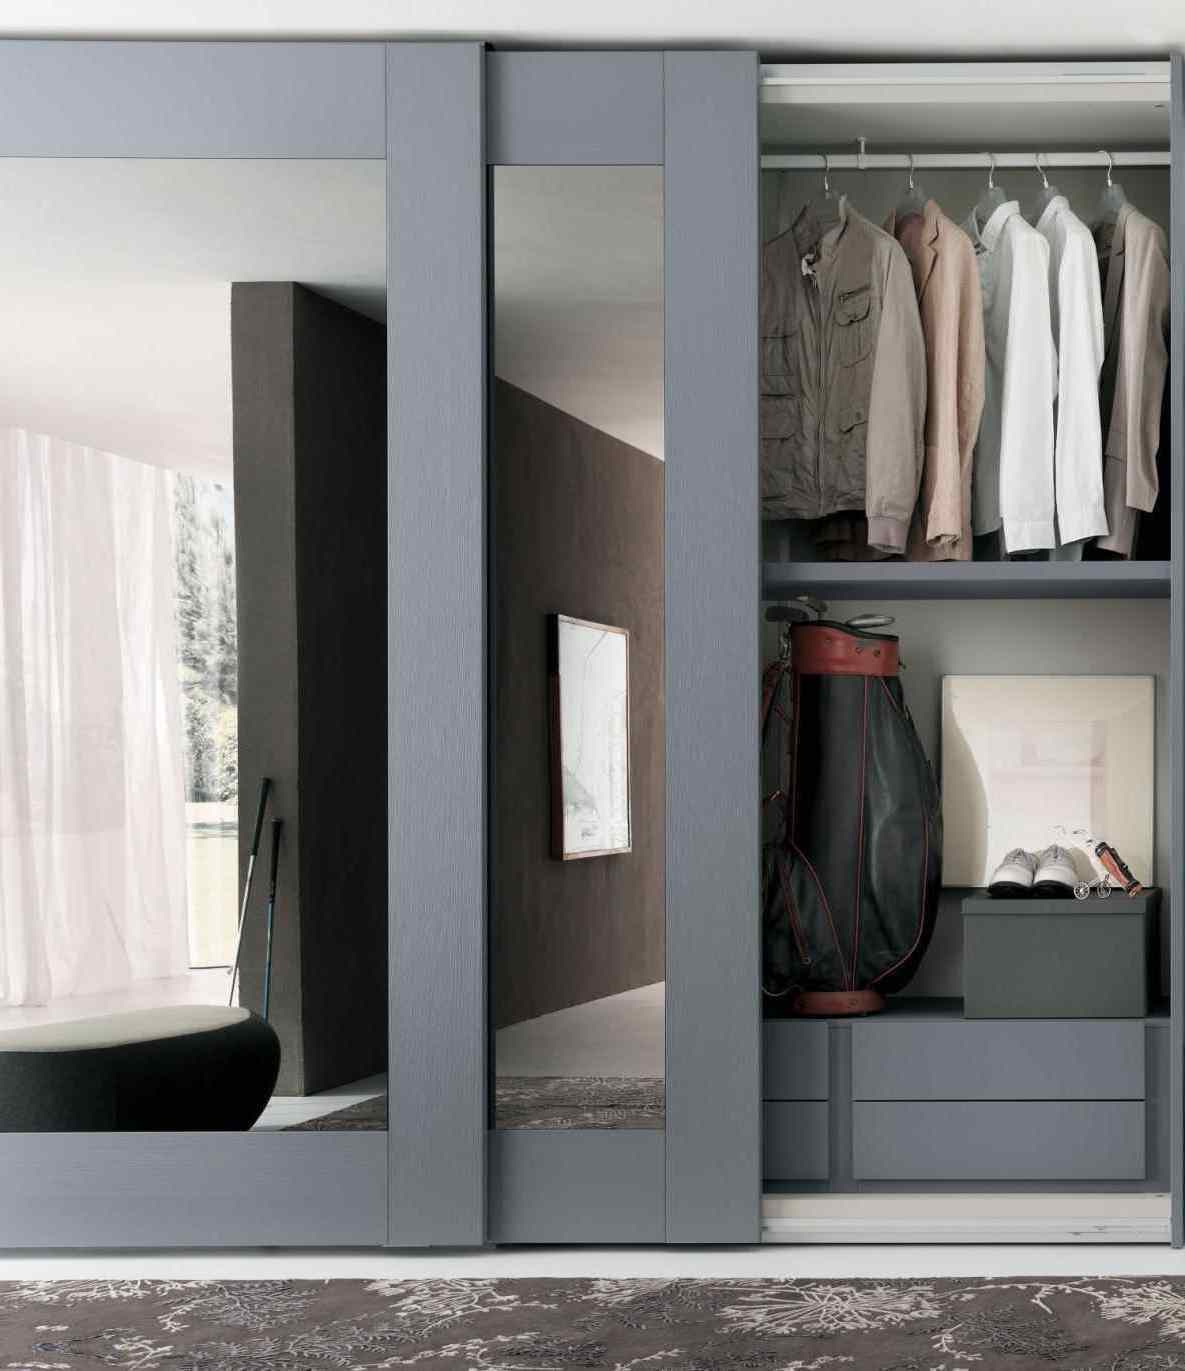 Широкие раздвижные двери шкафа подойдут для просторных помещений